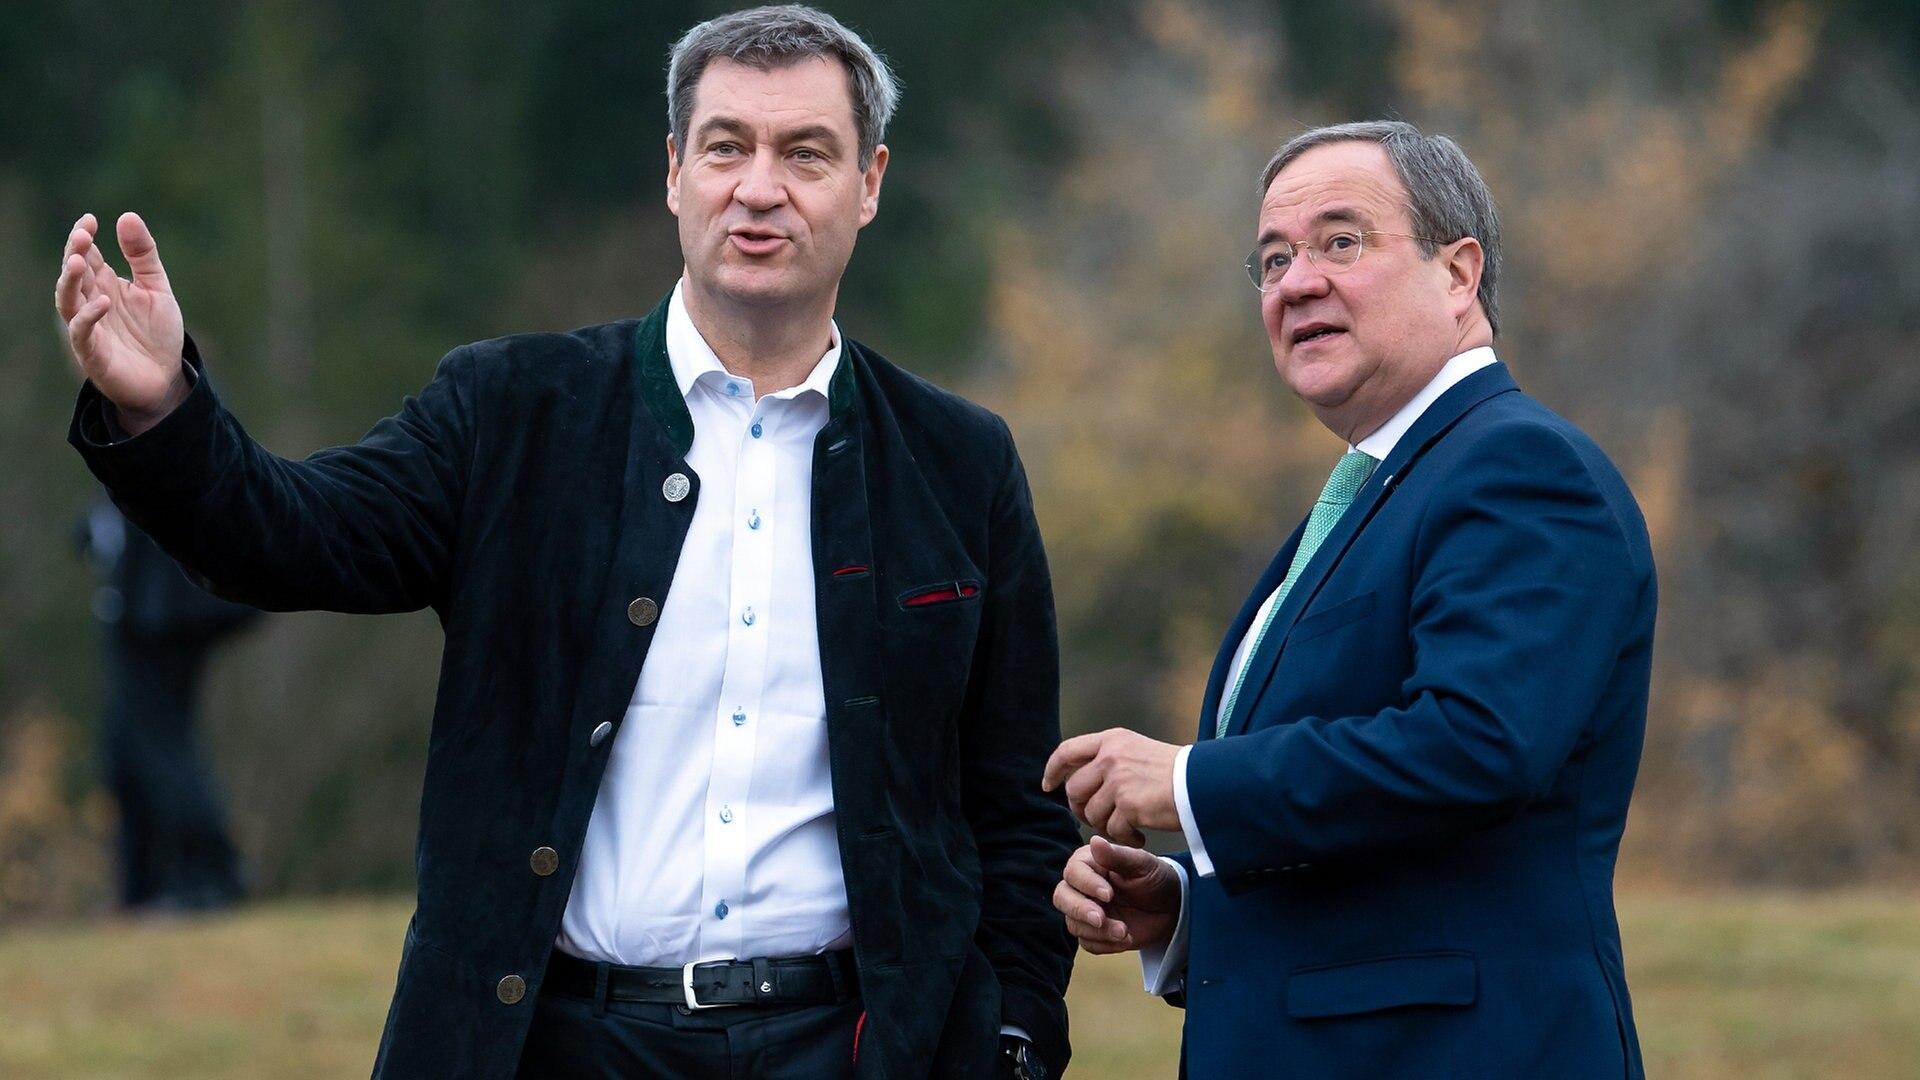 Cdu Auch In Sh Befurworter Fur Soder Als Kanzlerkandidaten Ndr De Nachrichten Schleswig Holstein